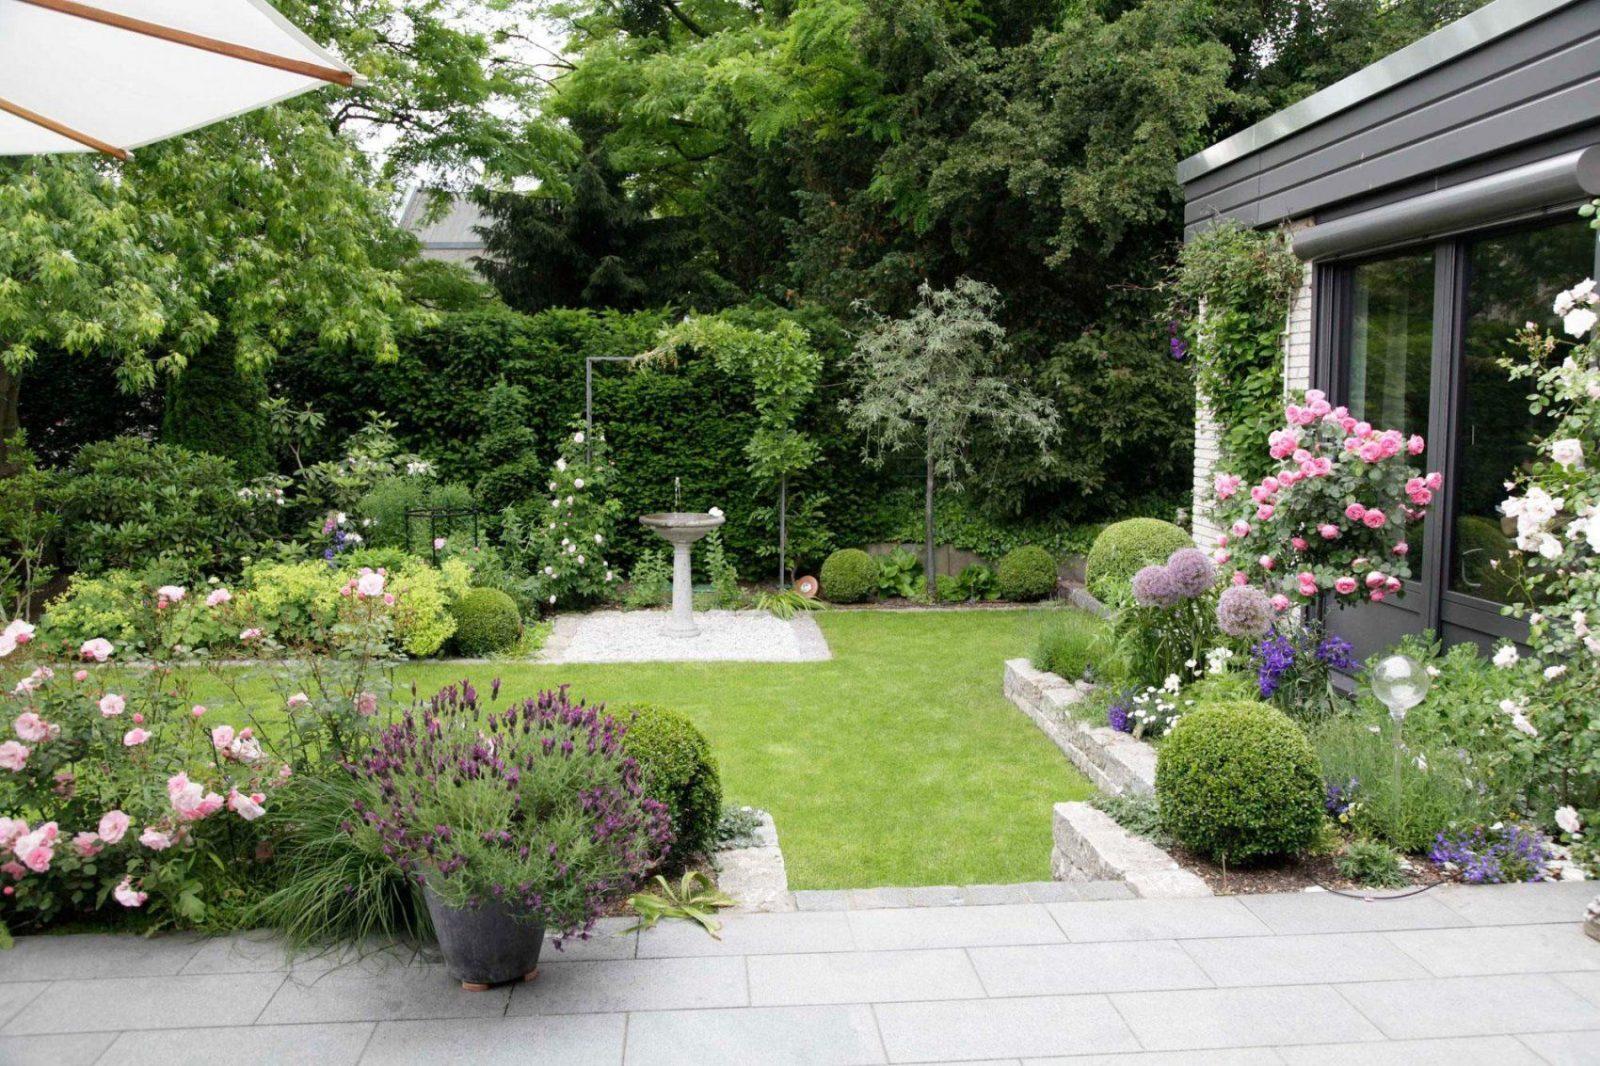 Unübertroffen Gartengestaltung Ideen Sichtschutz Auf Andere Mit von Ideen Für Sichtschutz Im Garten Photo